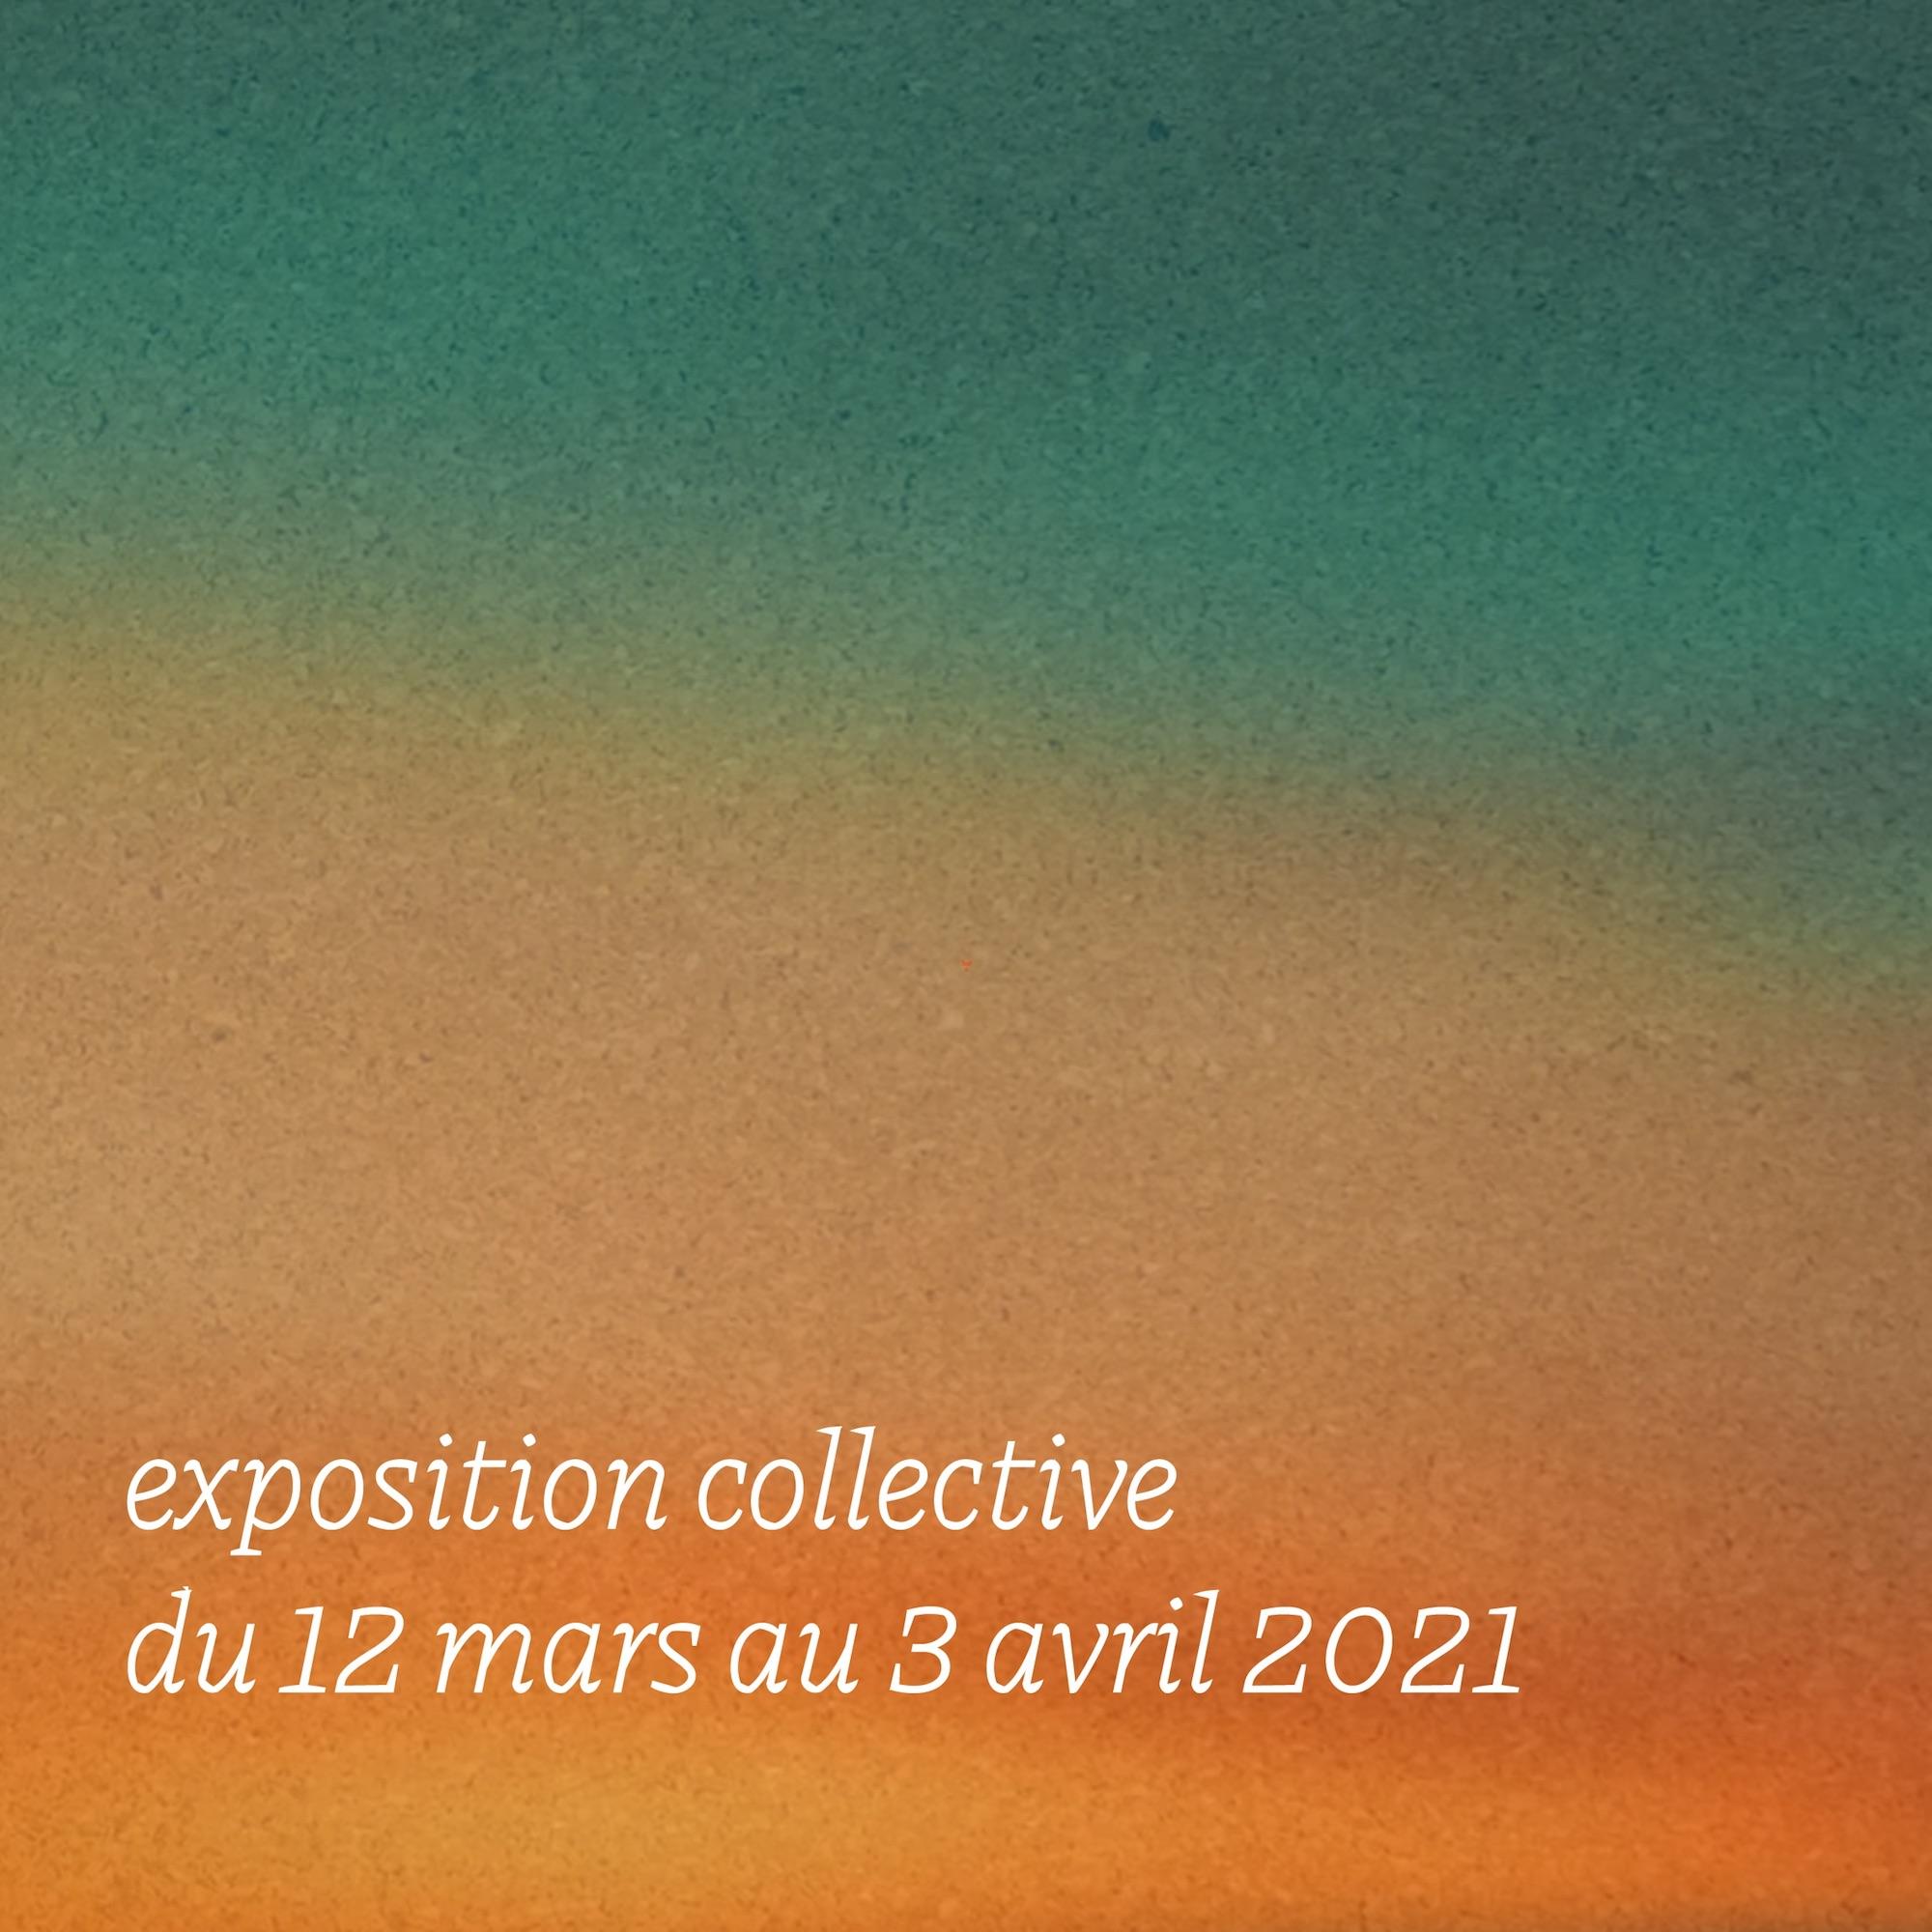 Exposition collective | Le soleil se lève aussi